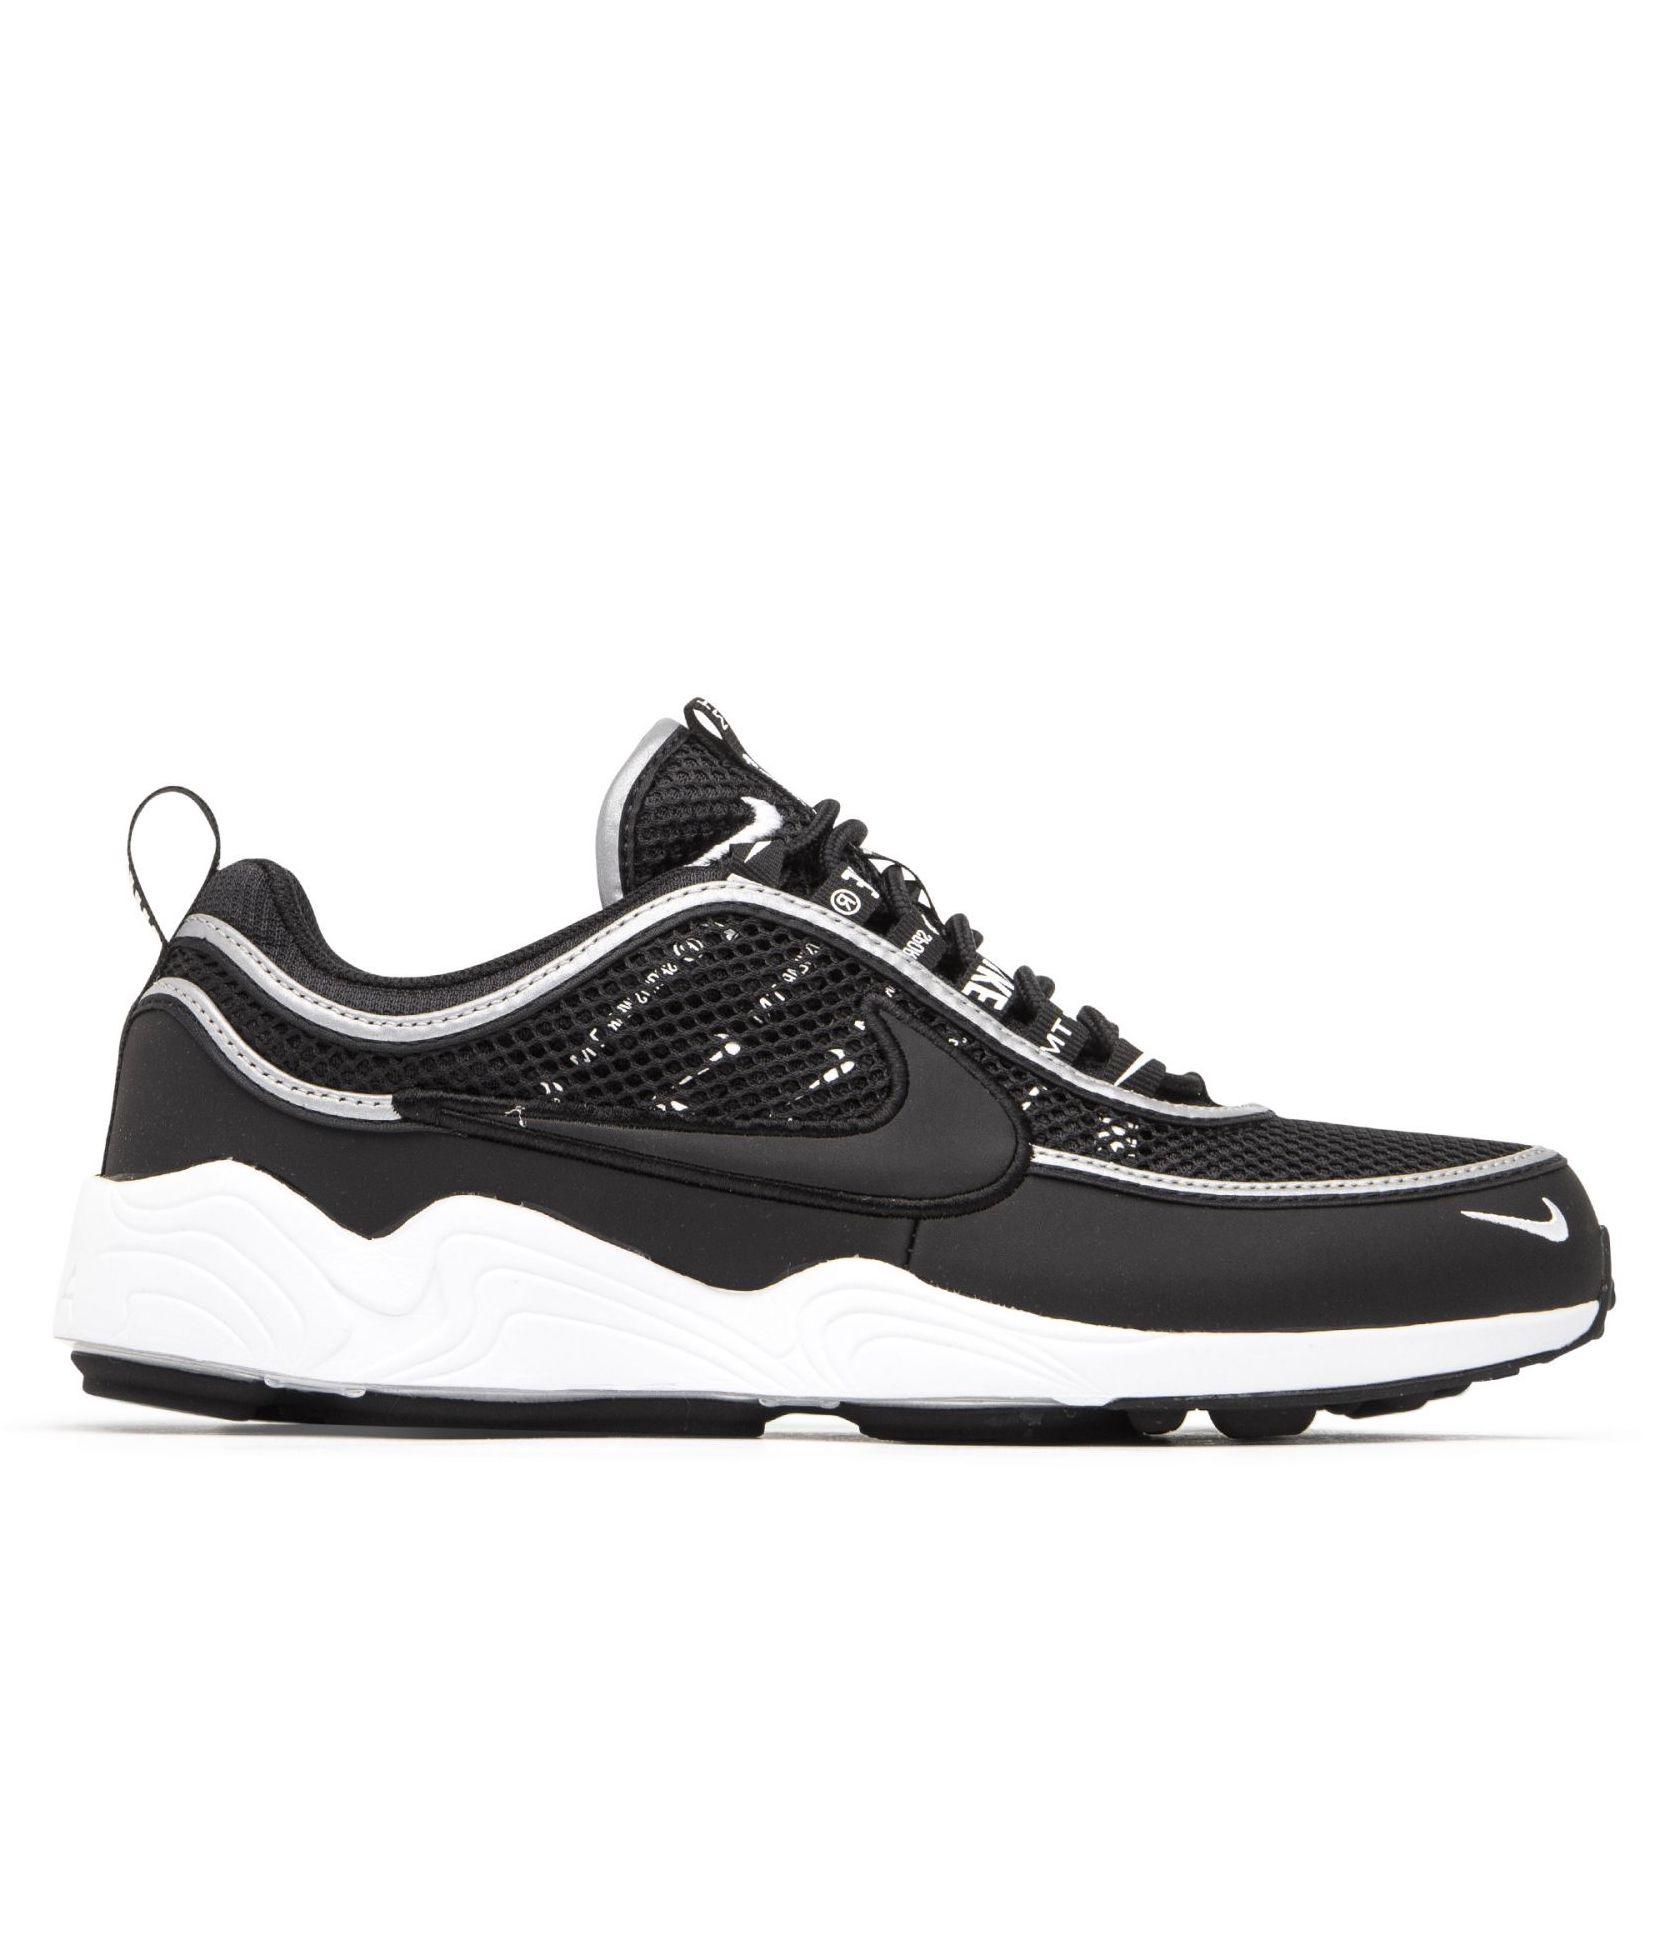 Buy online Nike Air Zoom Spiridon '16 SE in Black Black